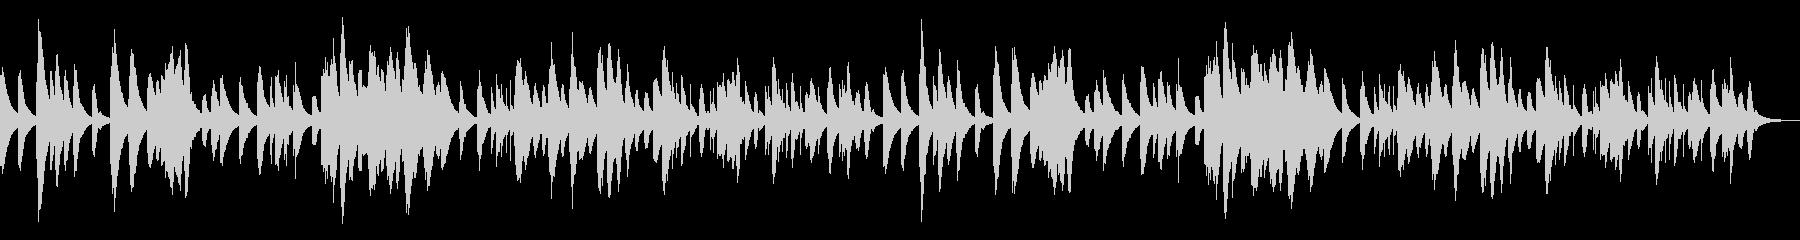 ゴルトベルク変奏曲のオルゴール の未再生の波形